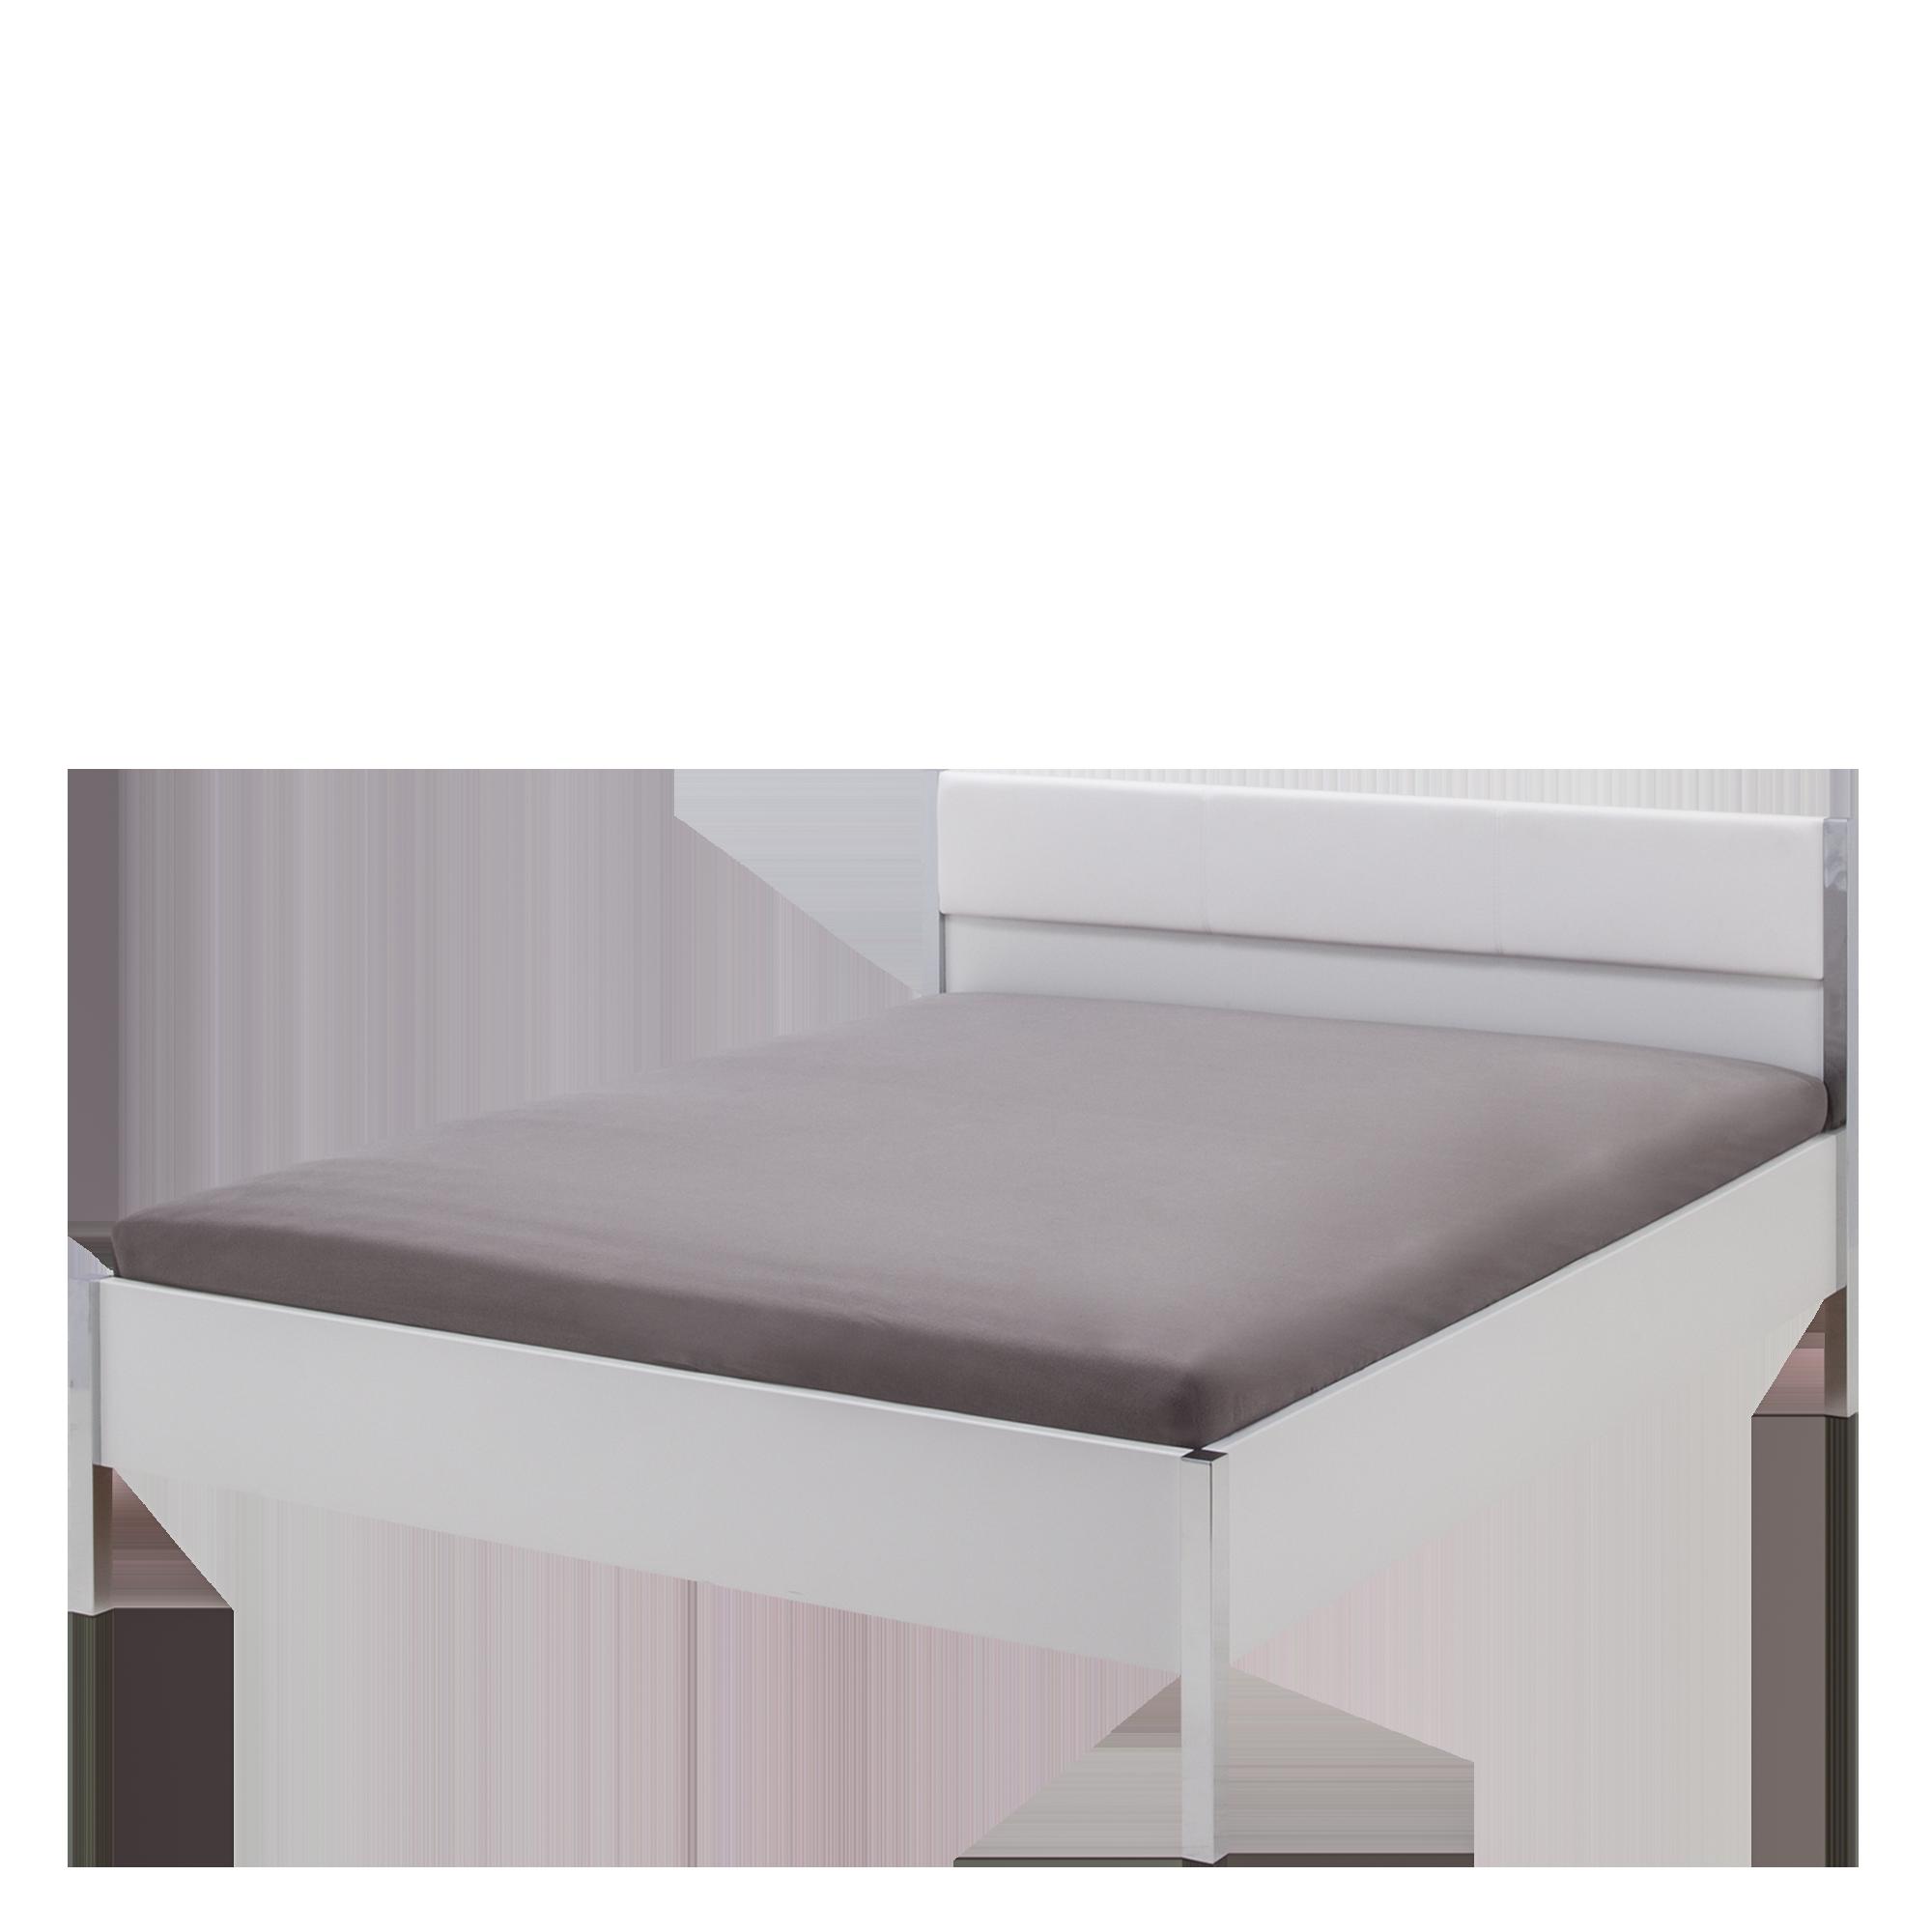 Moita łóżko 7079 Kola9p52 Bg60 Sypialnia Meble łóżka I